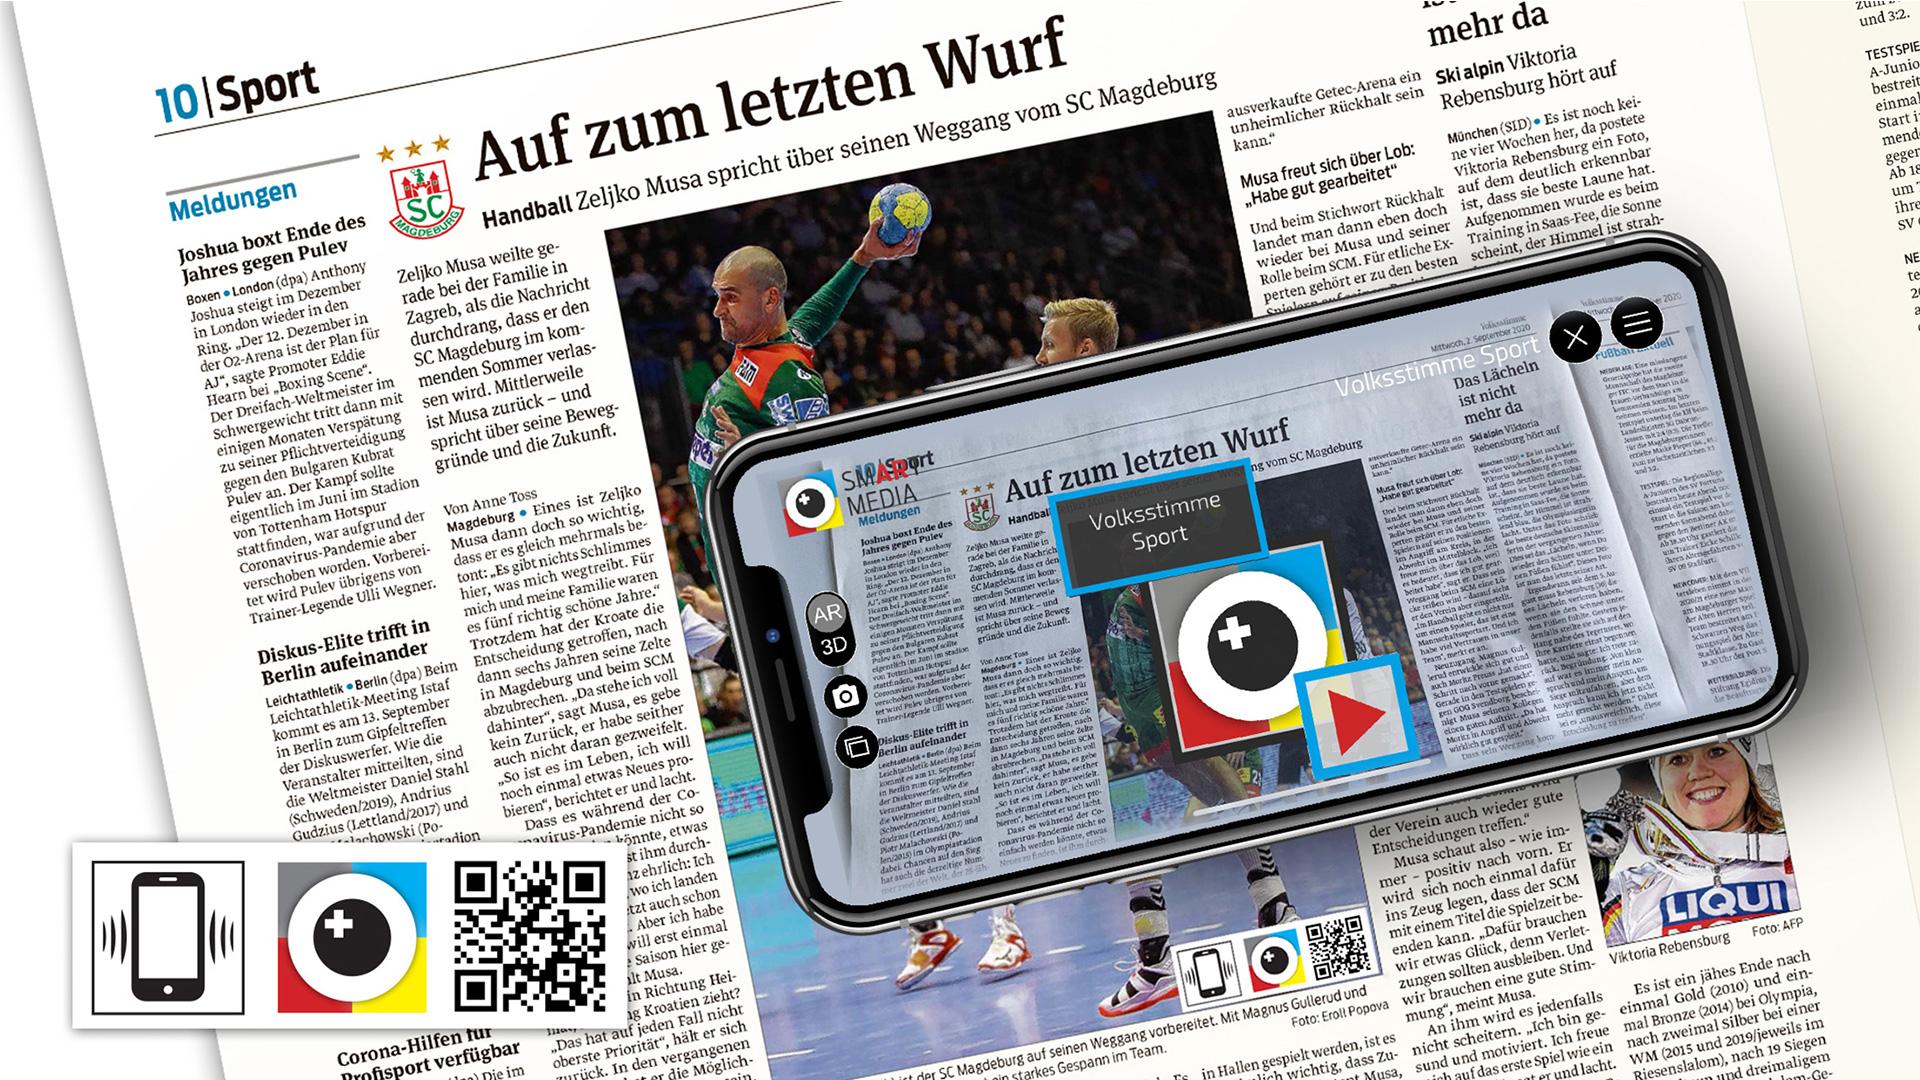 Scannen mit der Smart Media App